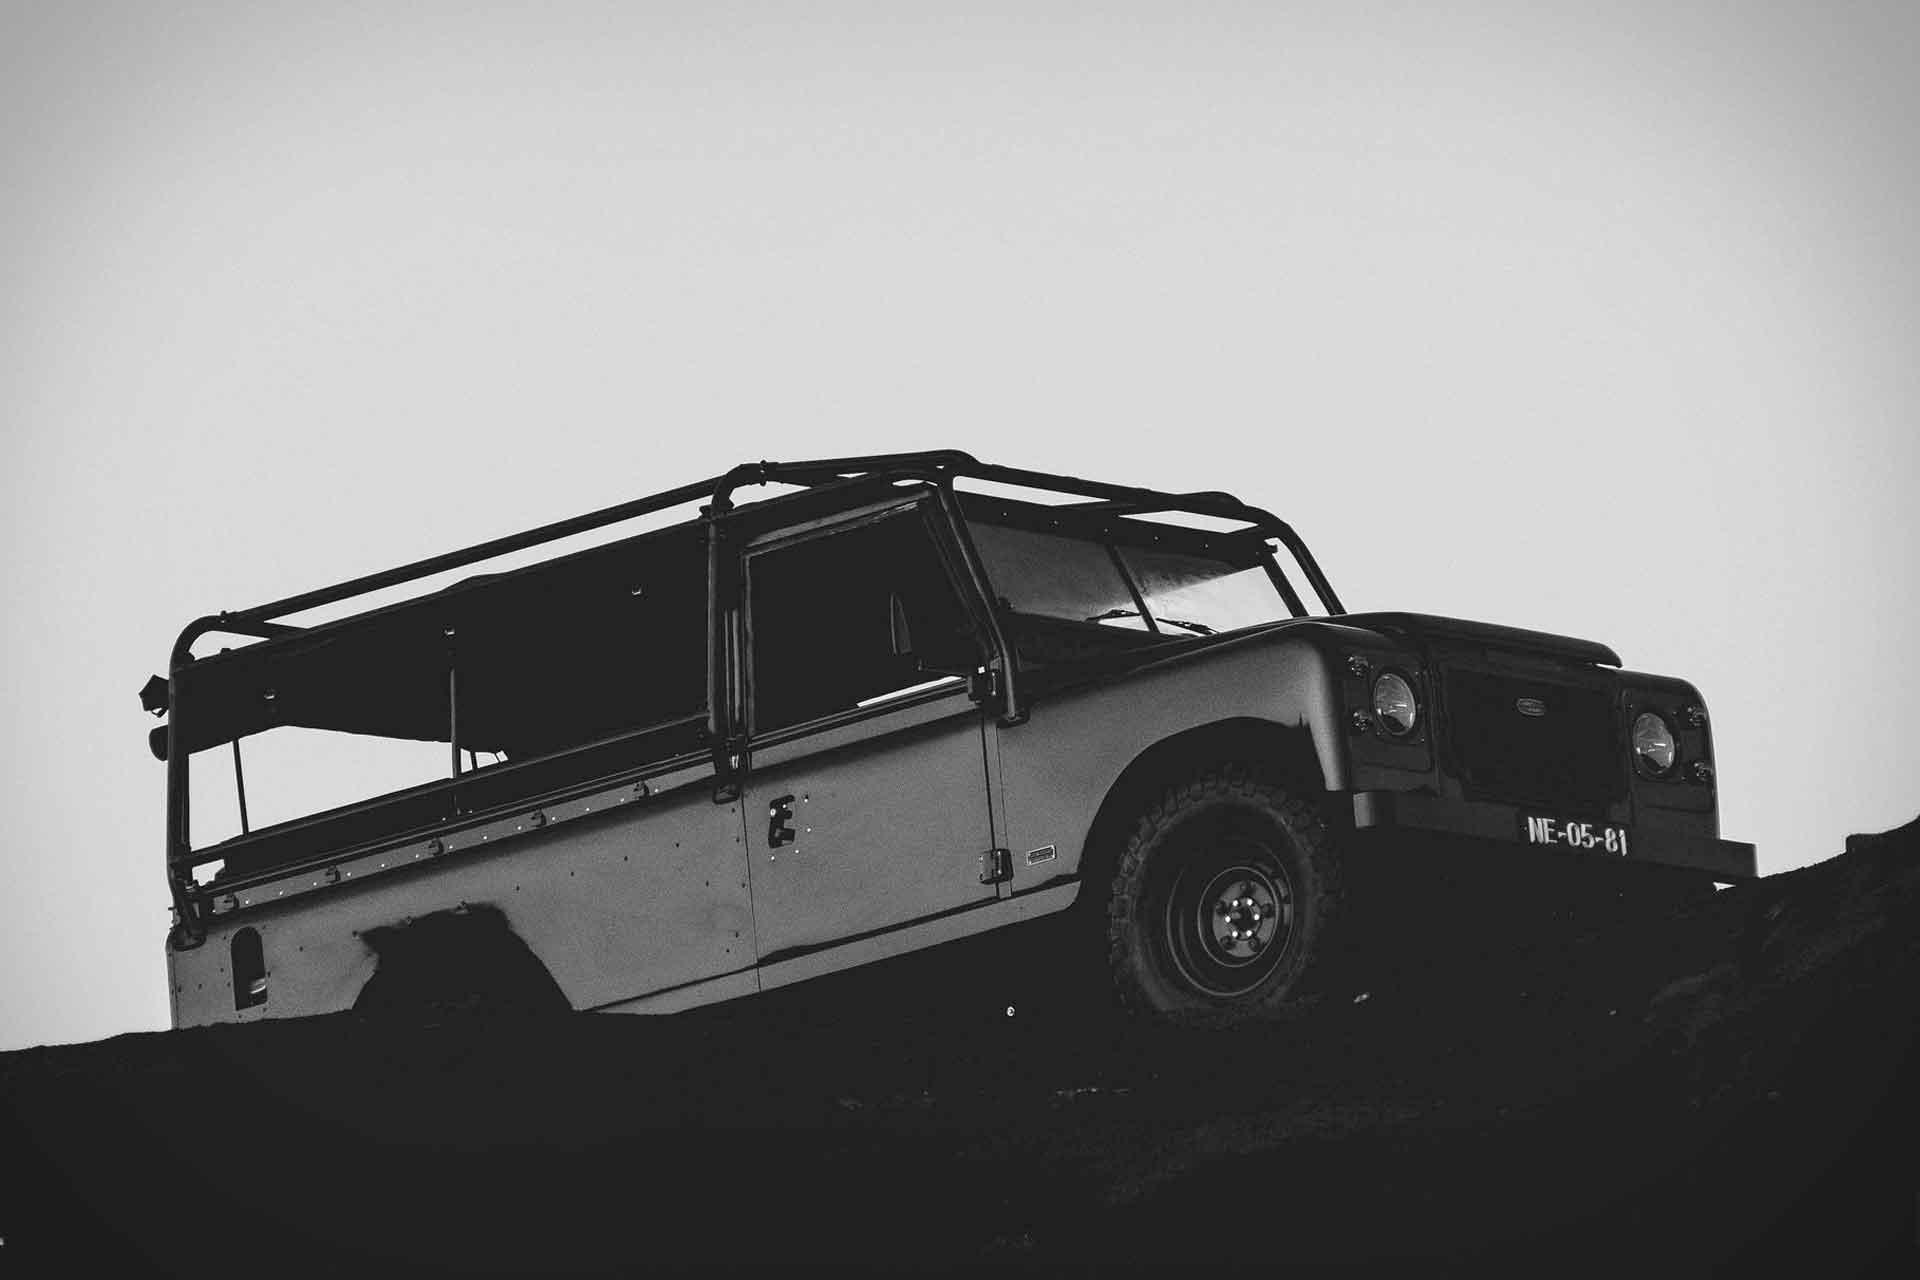 1983 Land Rover V8 SUV